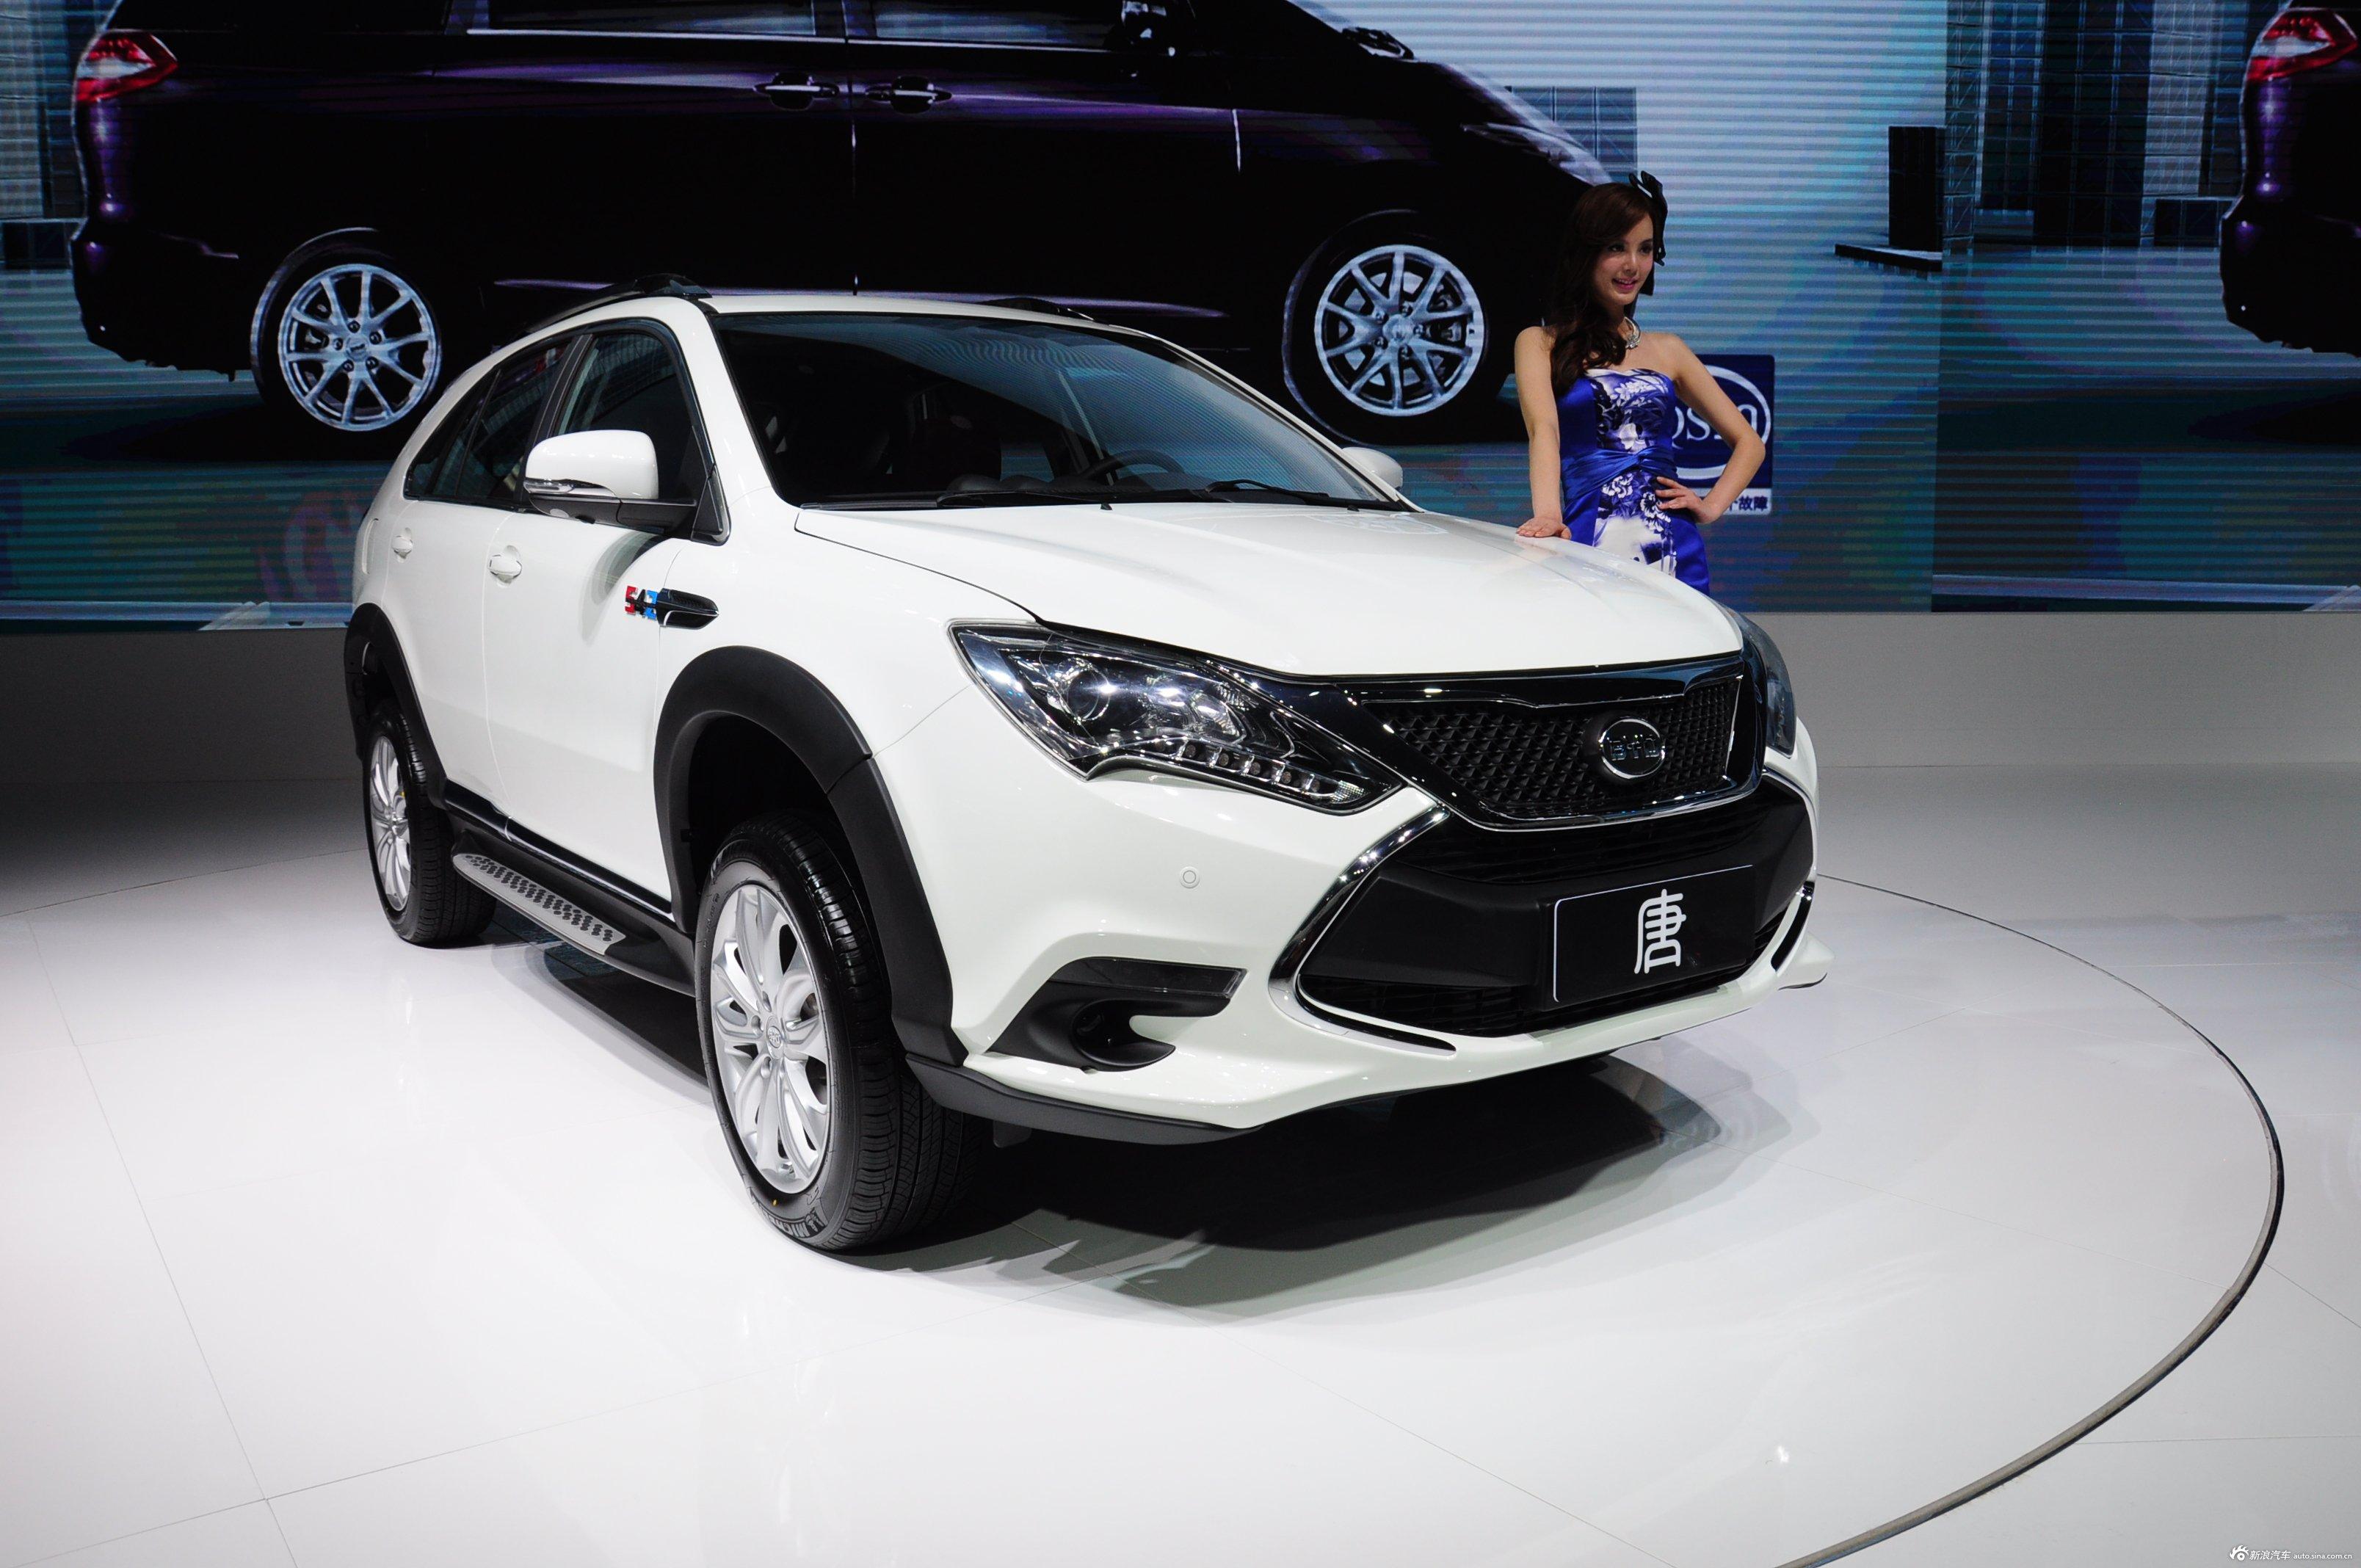 2014(第十三届)北京国际汽车展览会于4月21日至29日在中国国际展览中心新馆(天竺)正式向观众开放,本届车展全球跨国汽车公司悉数到场,室内展馆17个加上室外展场总面积达23万平方米。图为:2014款比亚迪唐